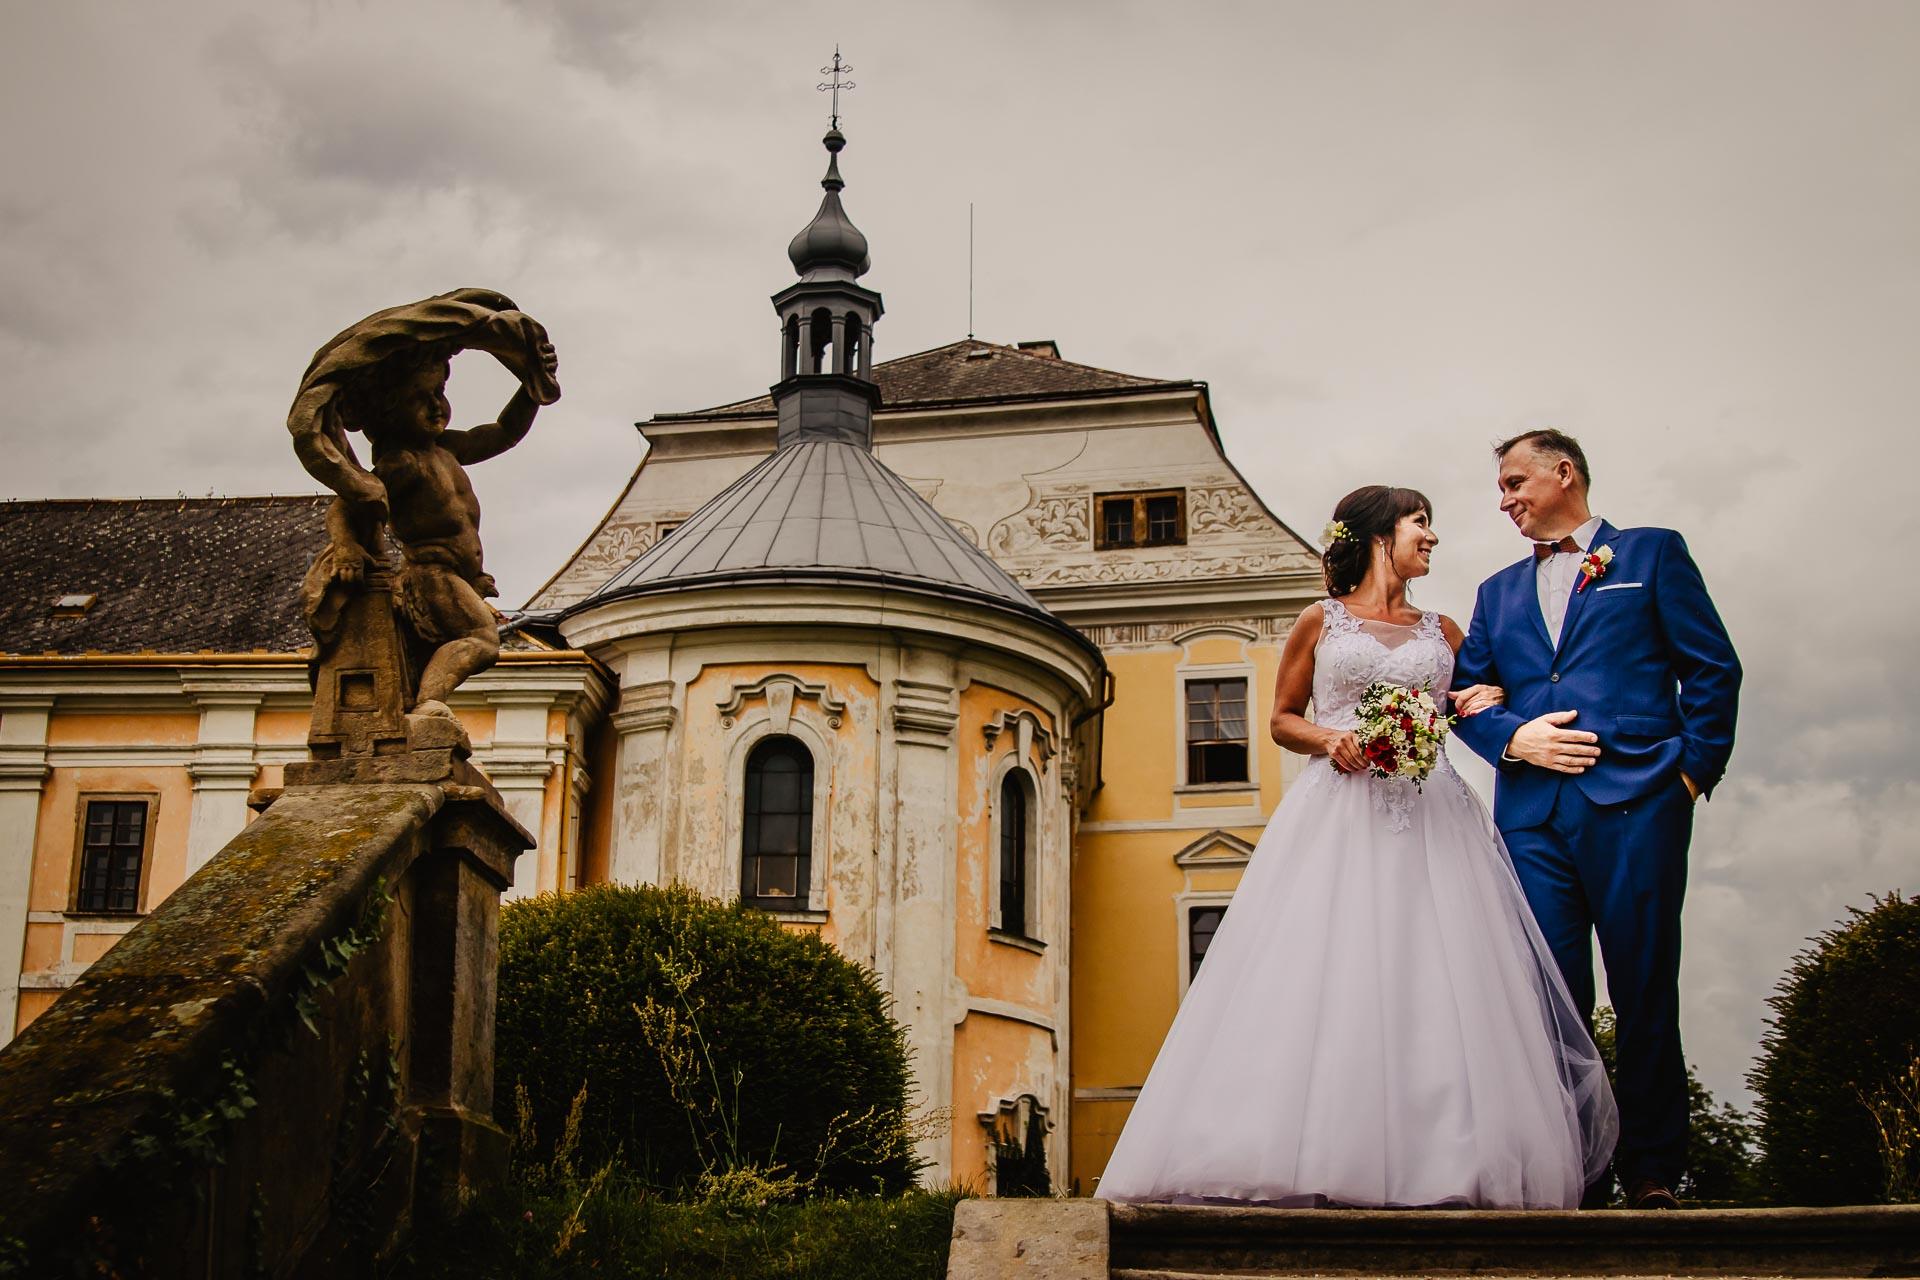 příprava-svatebního-obřadu-Lysá-nad-Labem-svatební-agentura-Svatbavenku-9763